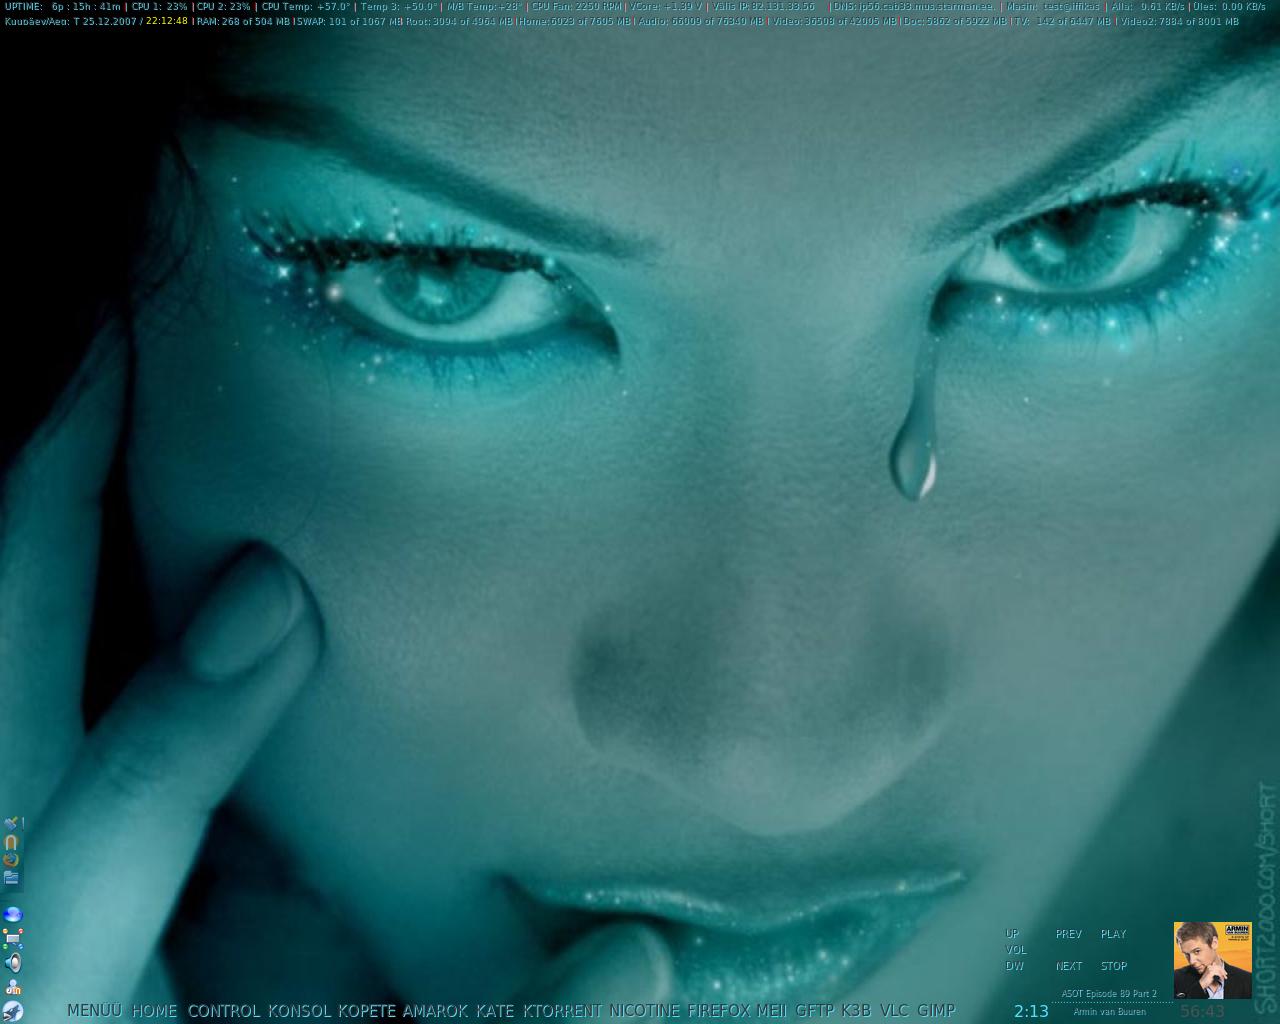 Фотошоп онлайн на русском редактор фото, обработка фотографий